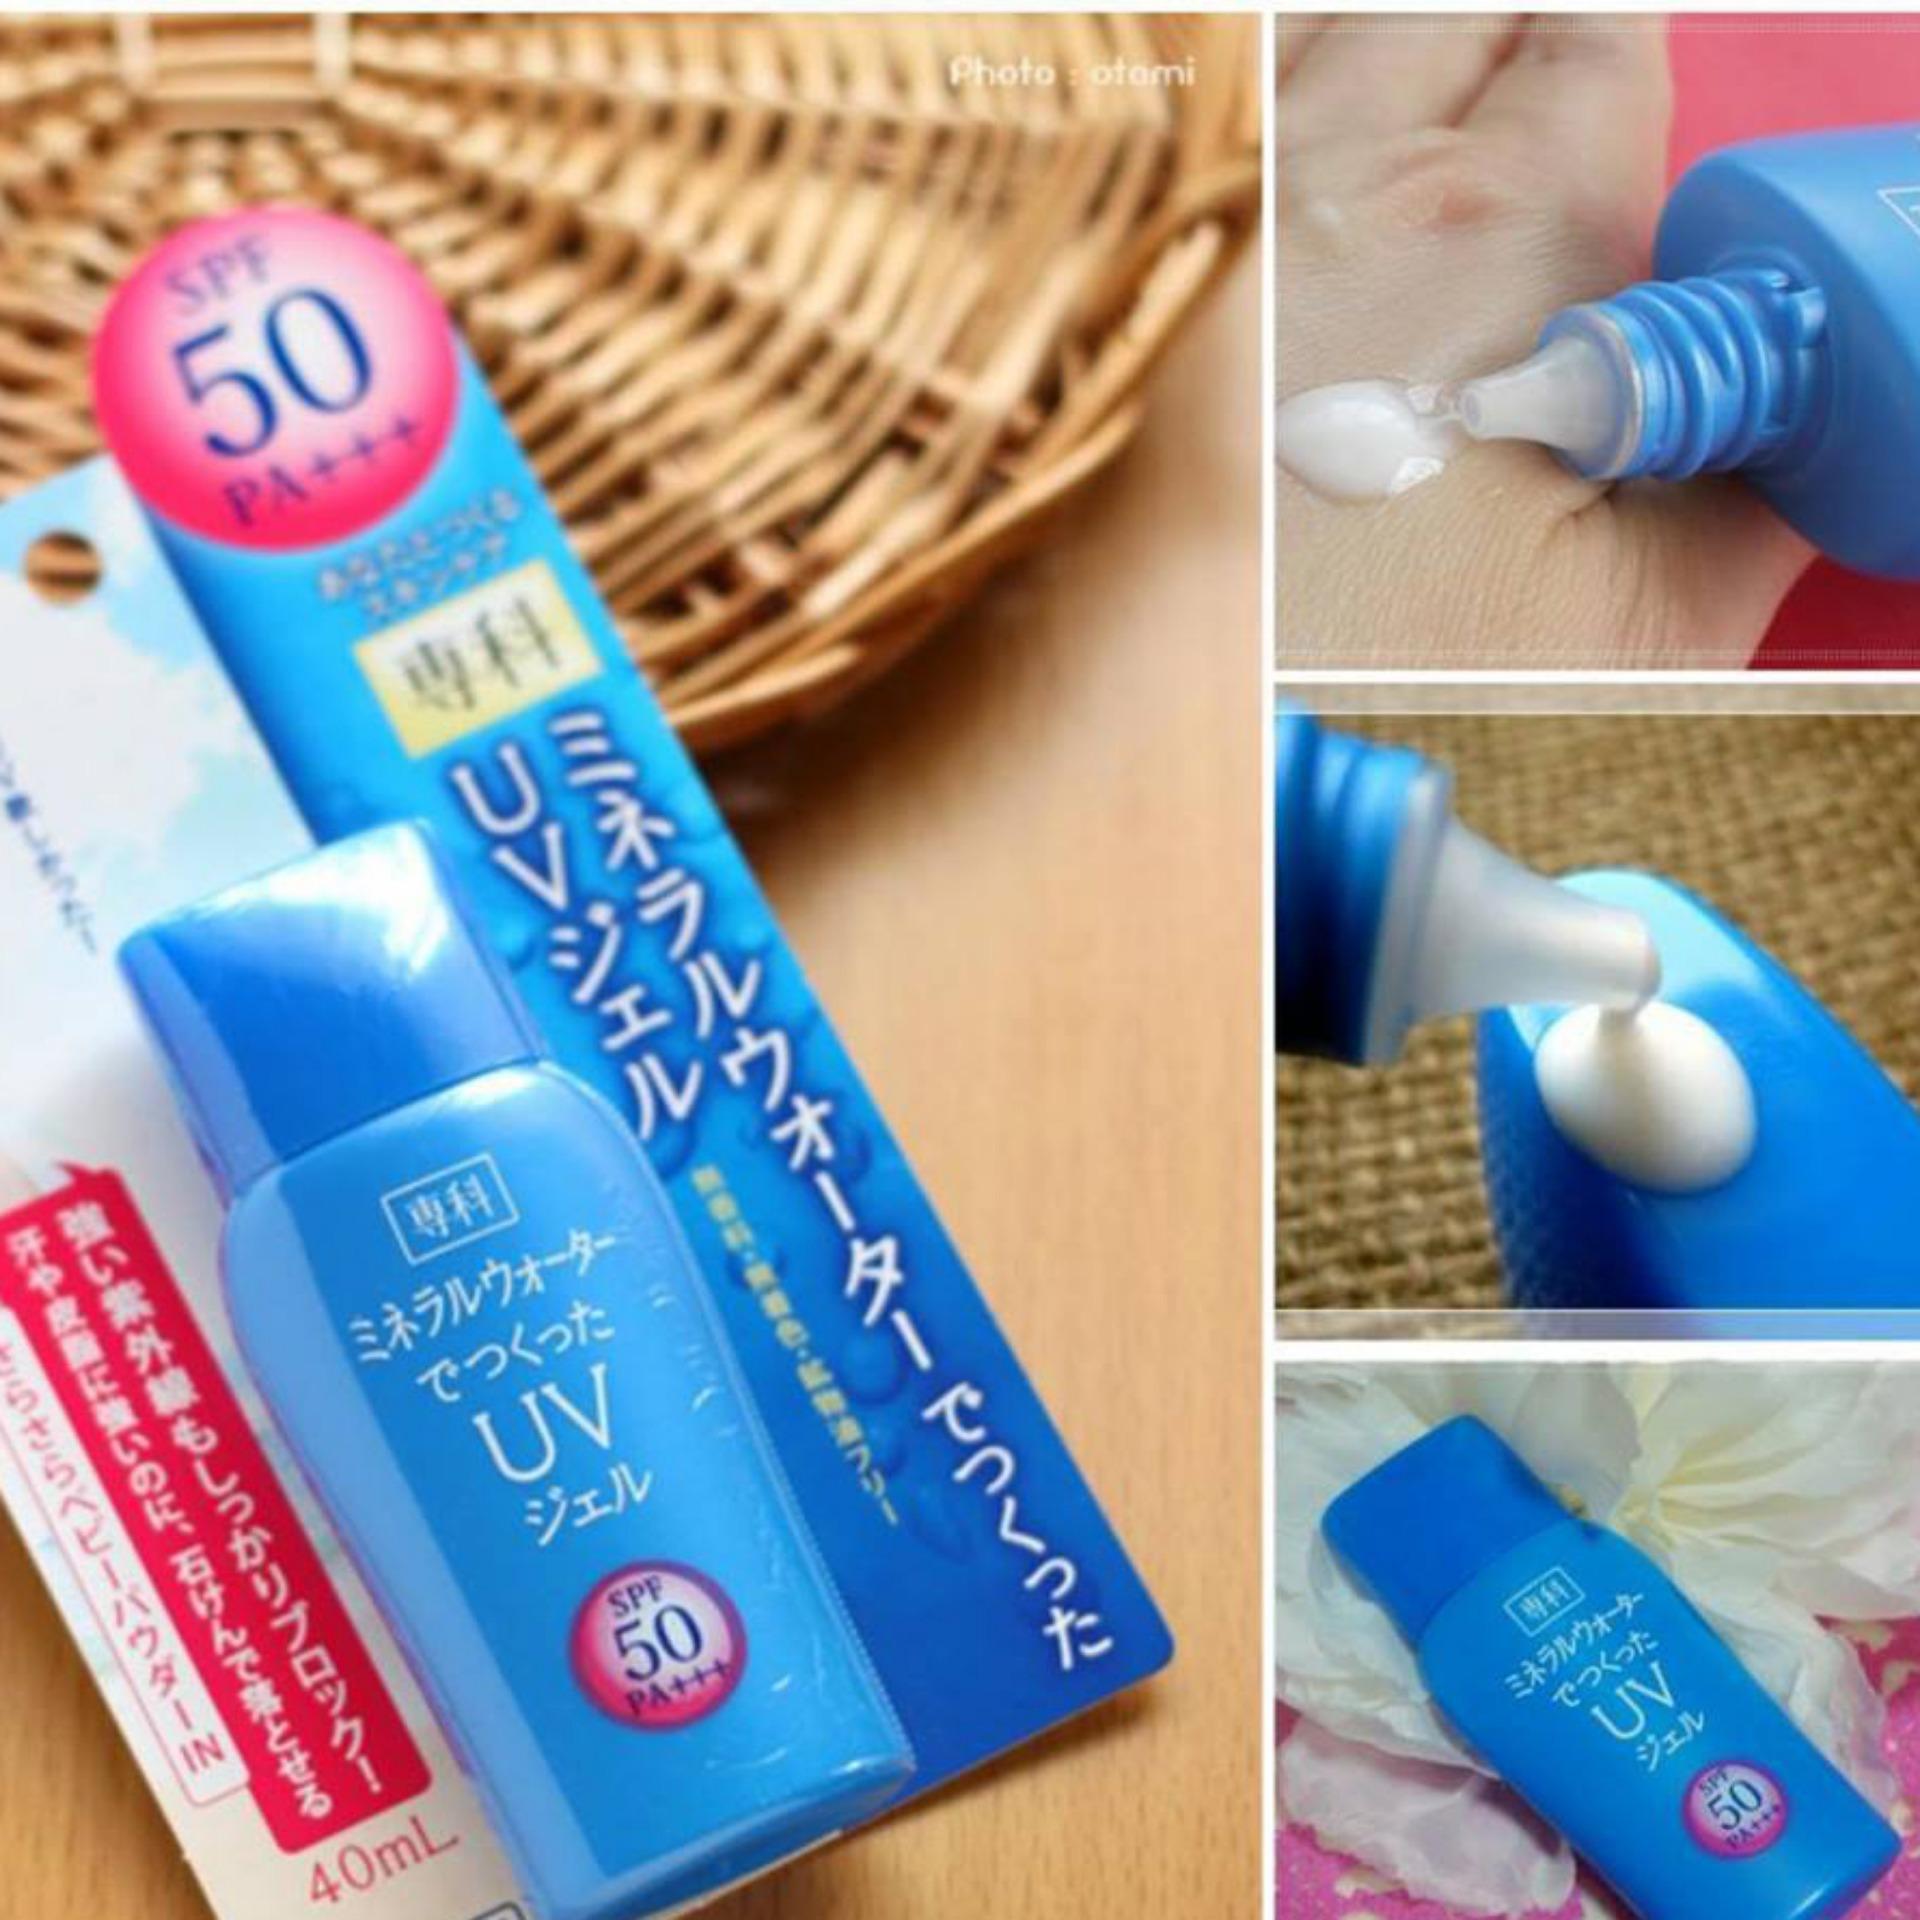 Shiseido- Kem Chống Nắng Shiseido Màu Xanh 40Ml